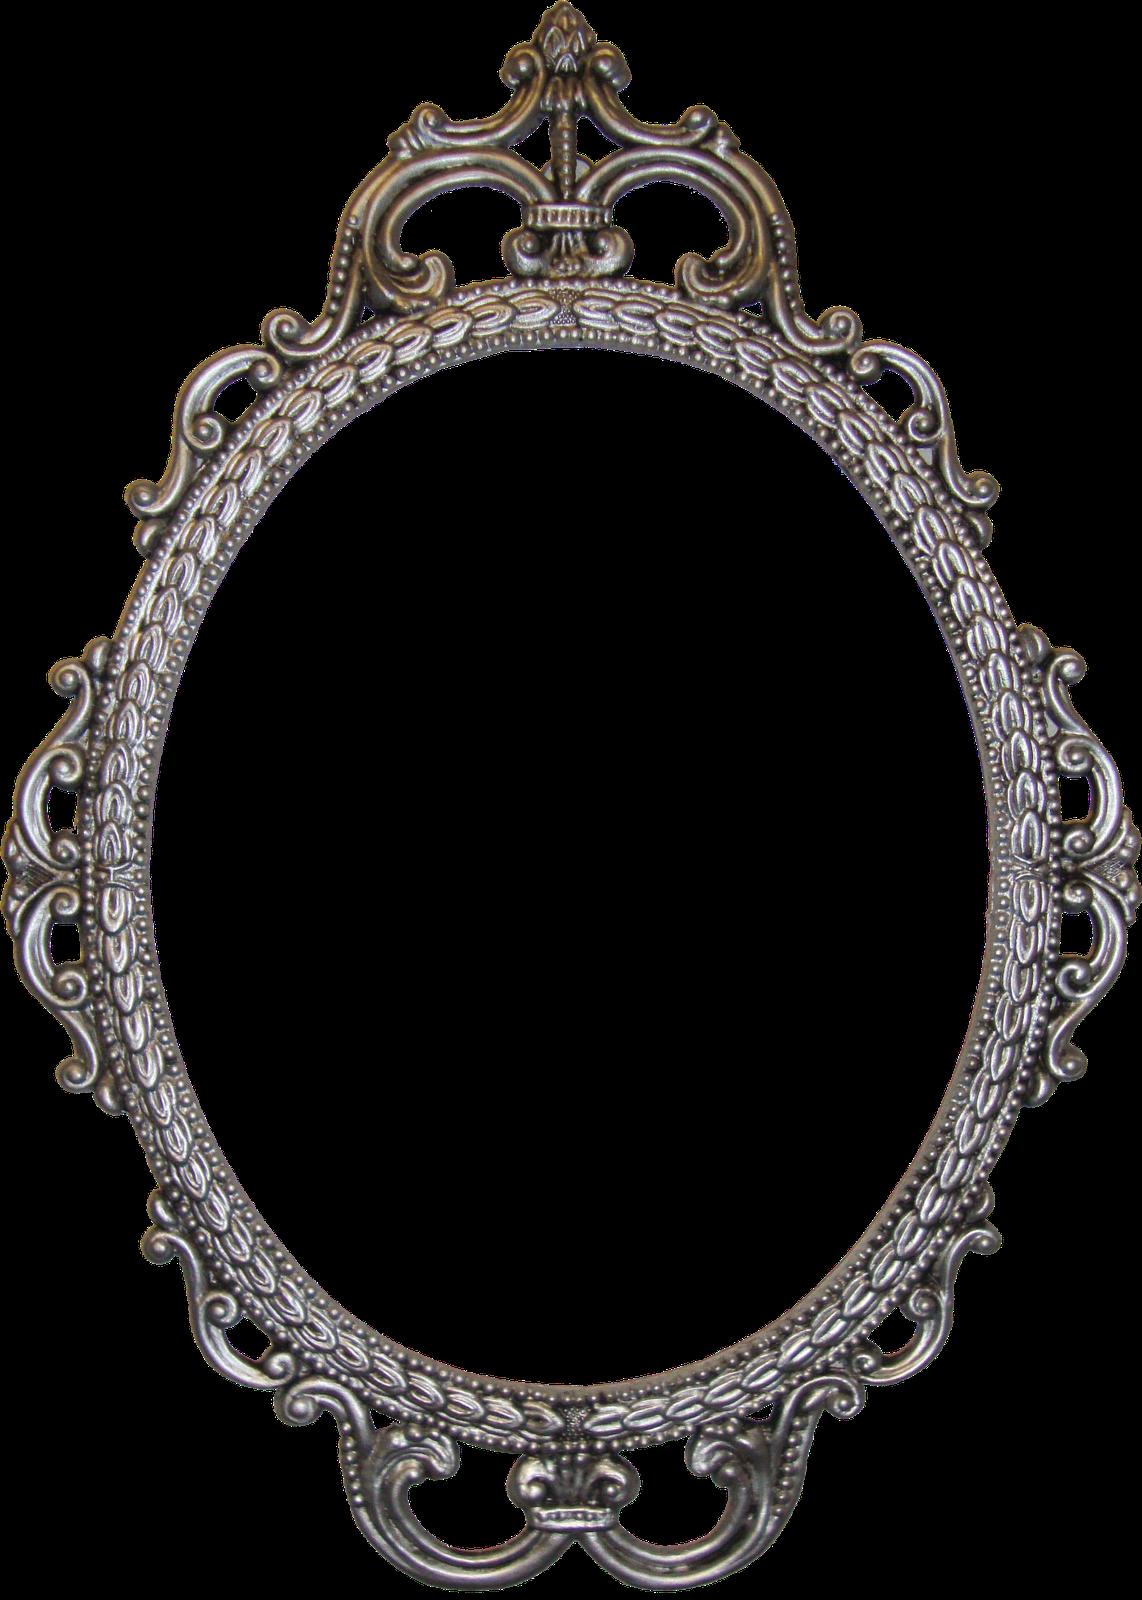 1142x1600 Vintage Oval Frame Png Transparent Vintage Oval Frame.png Images